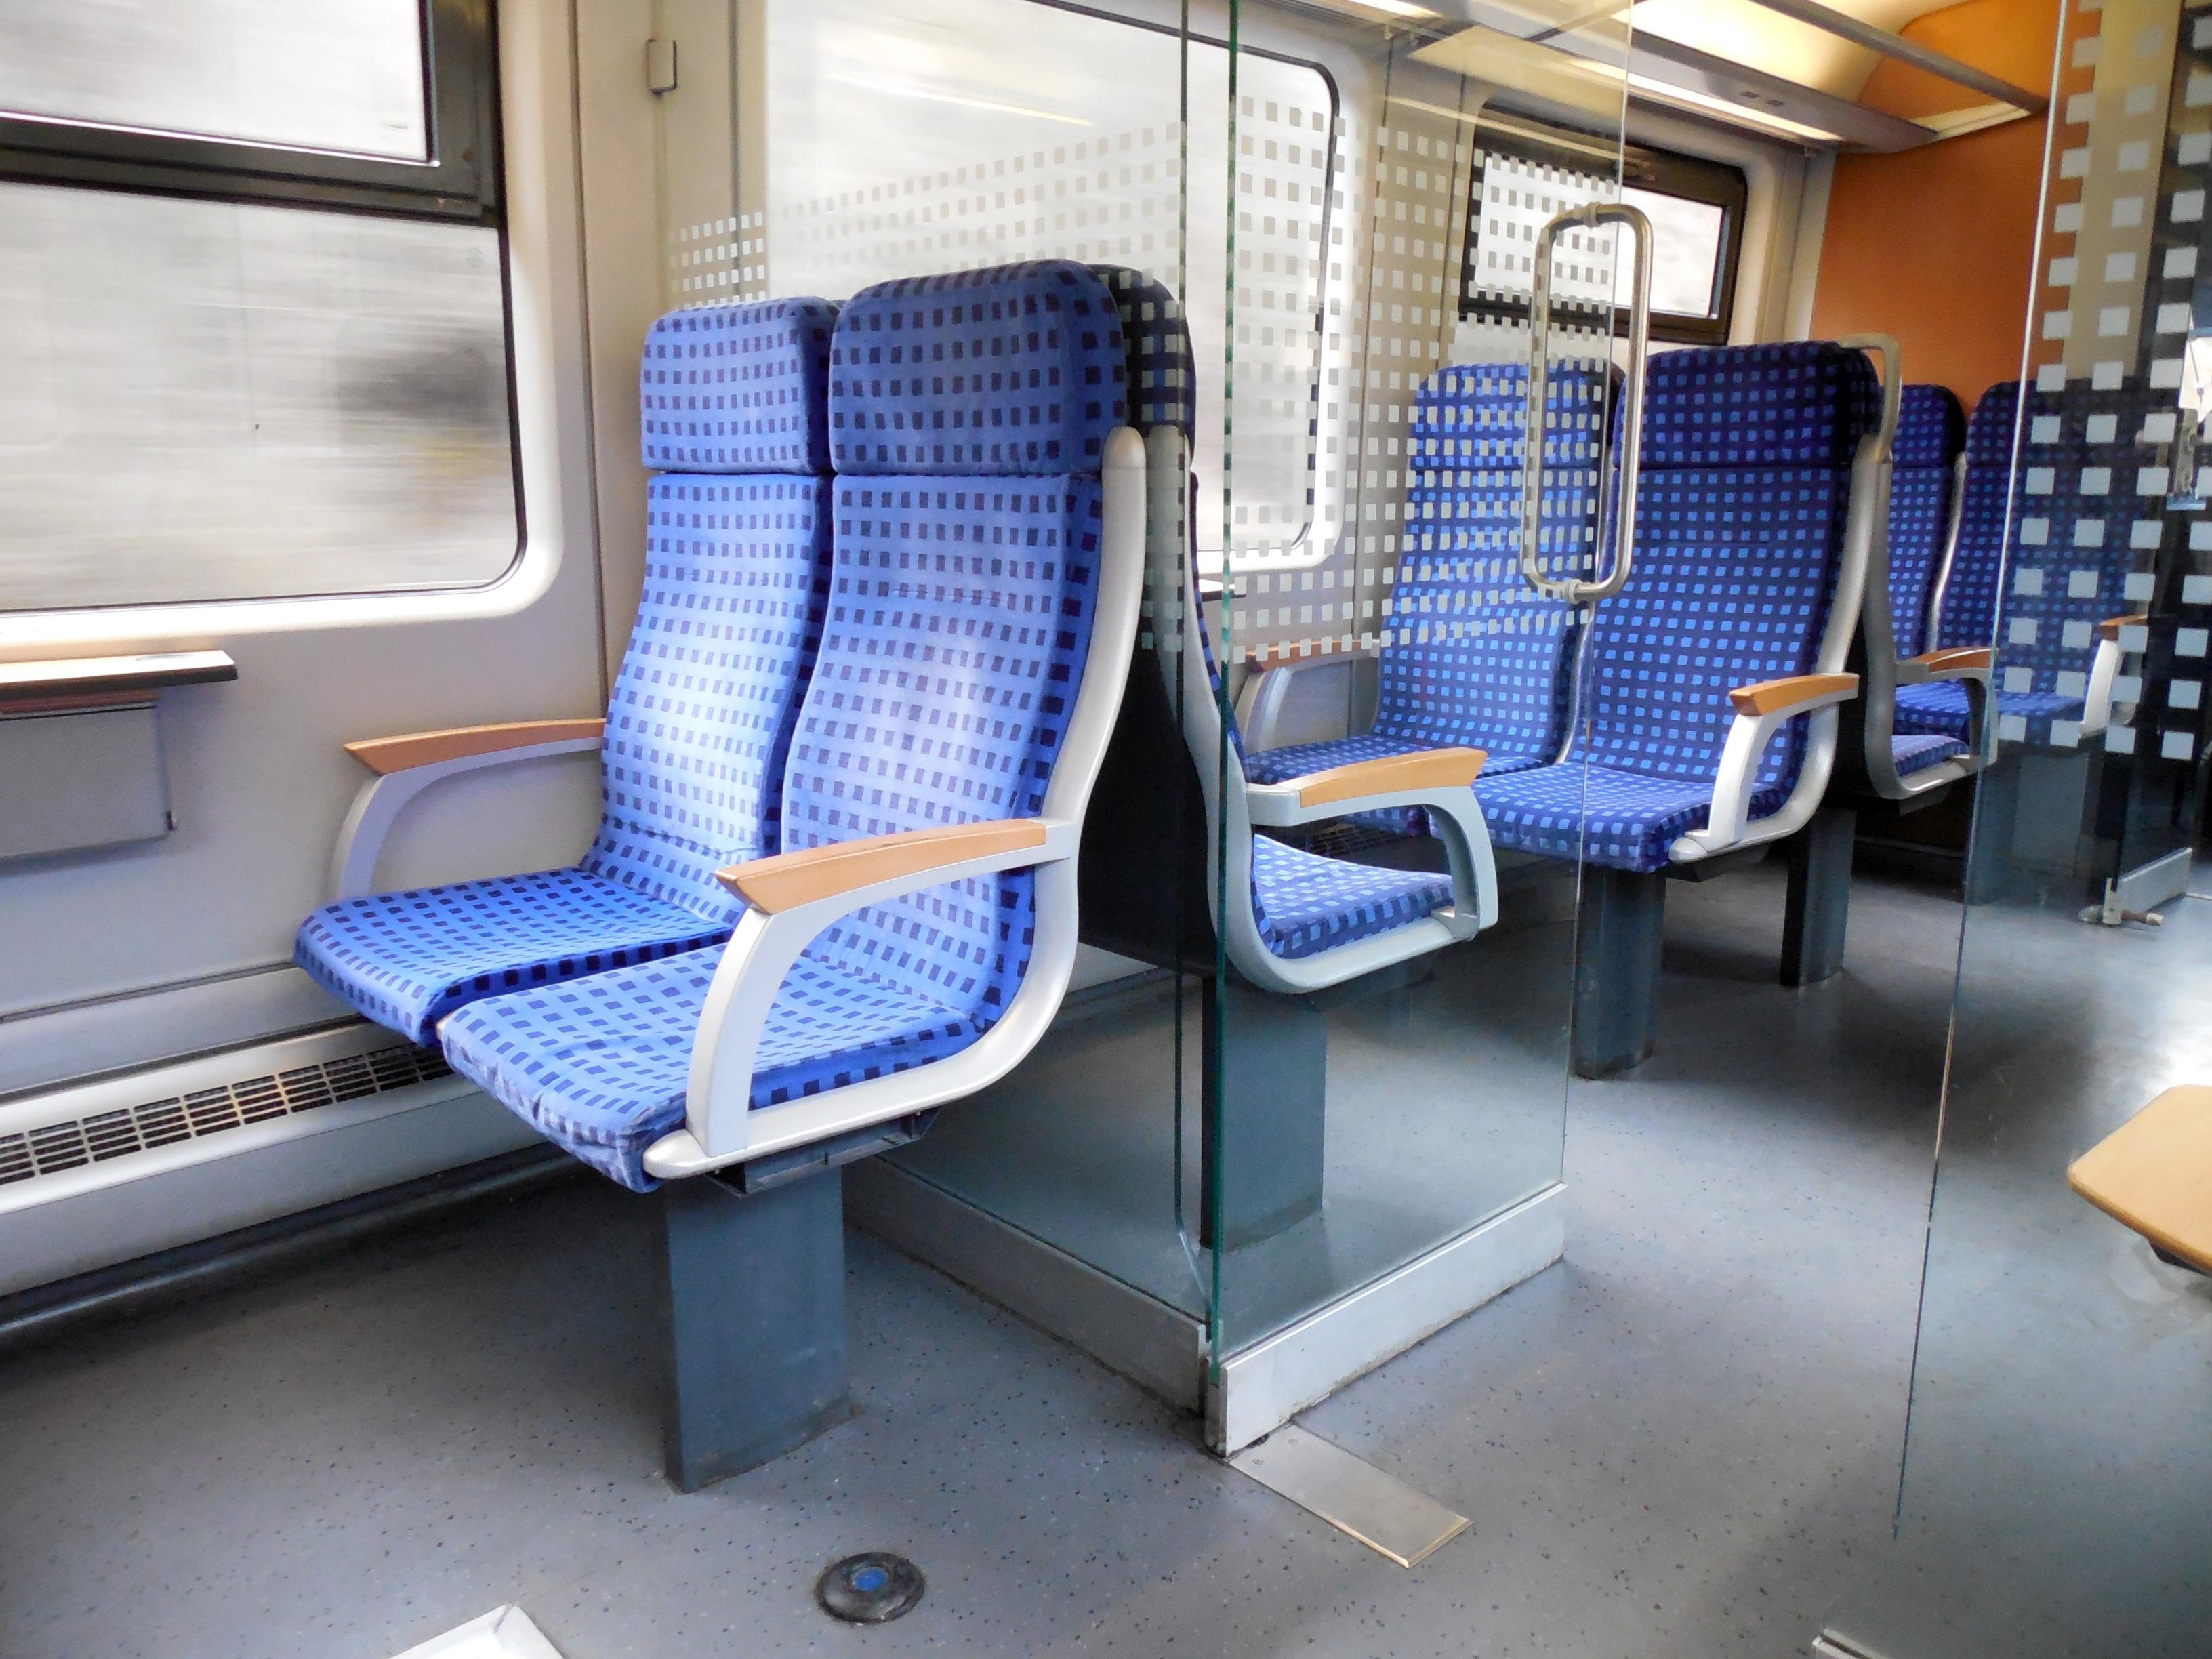 kostenlose foto : mobile, eisenbahn, sitz, zug, reise, fahrzeug, Innenarchitektur ideen